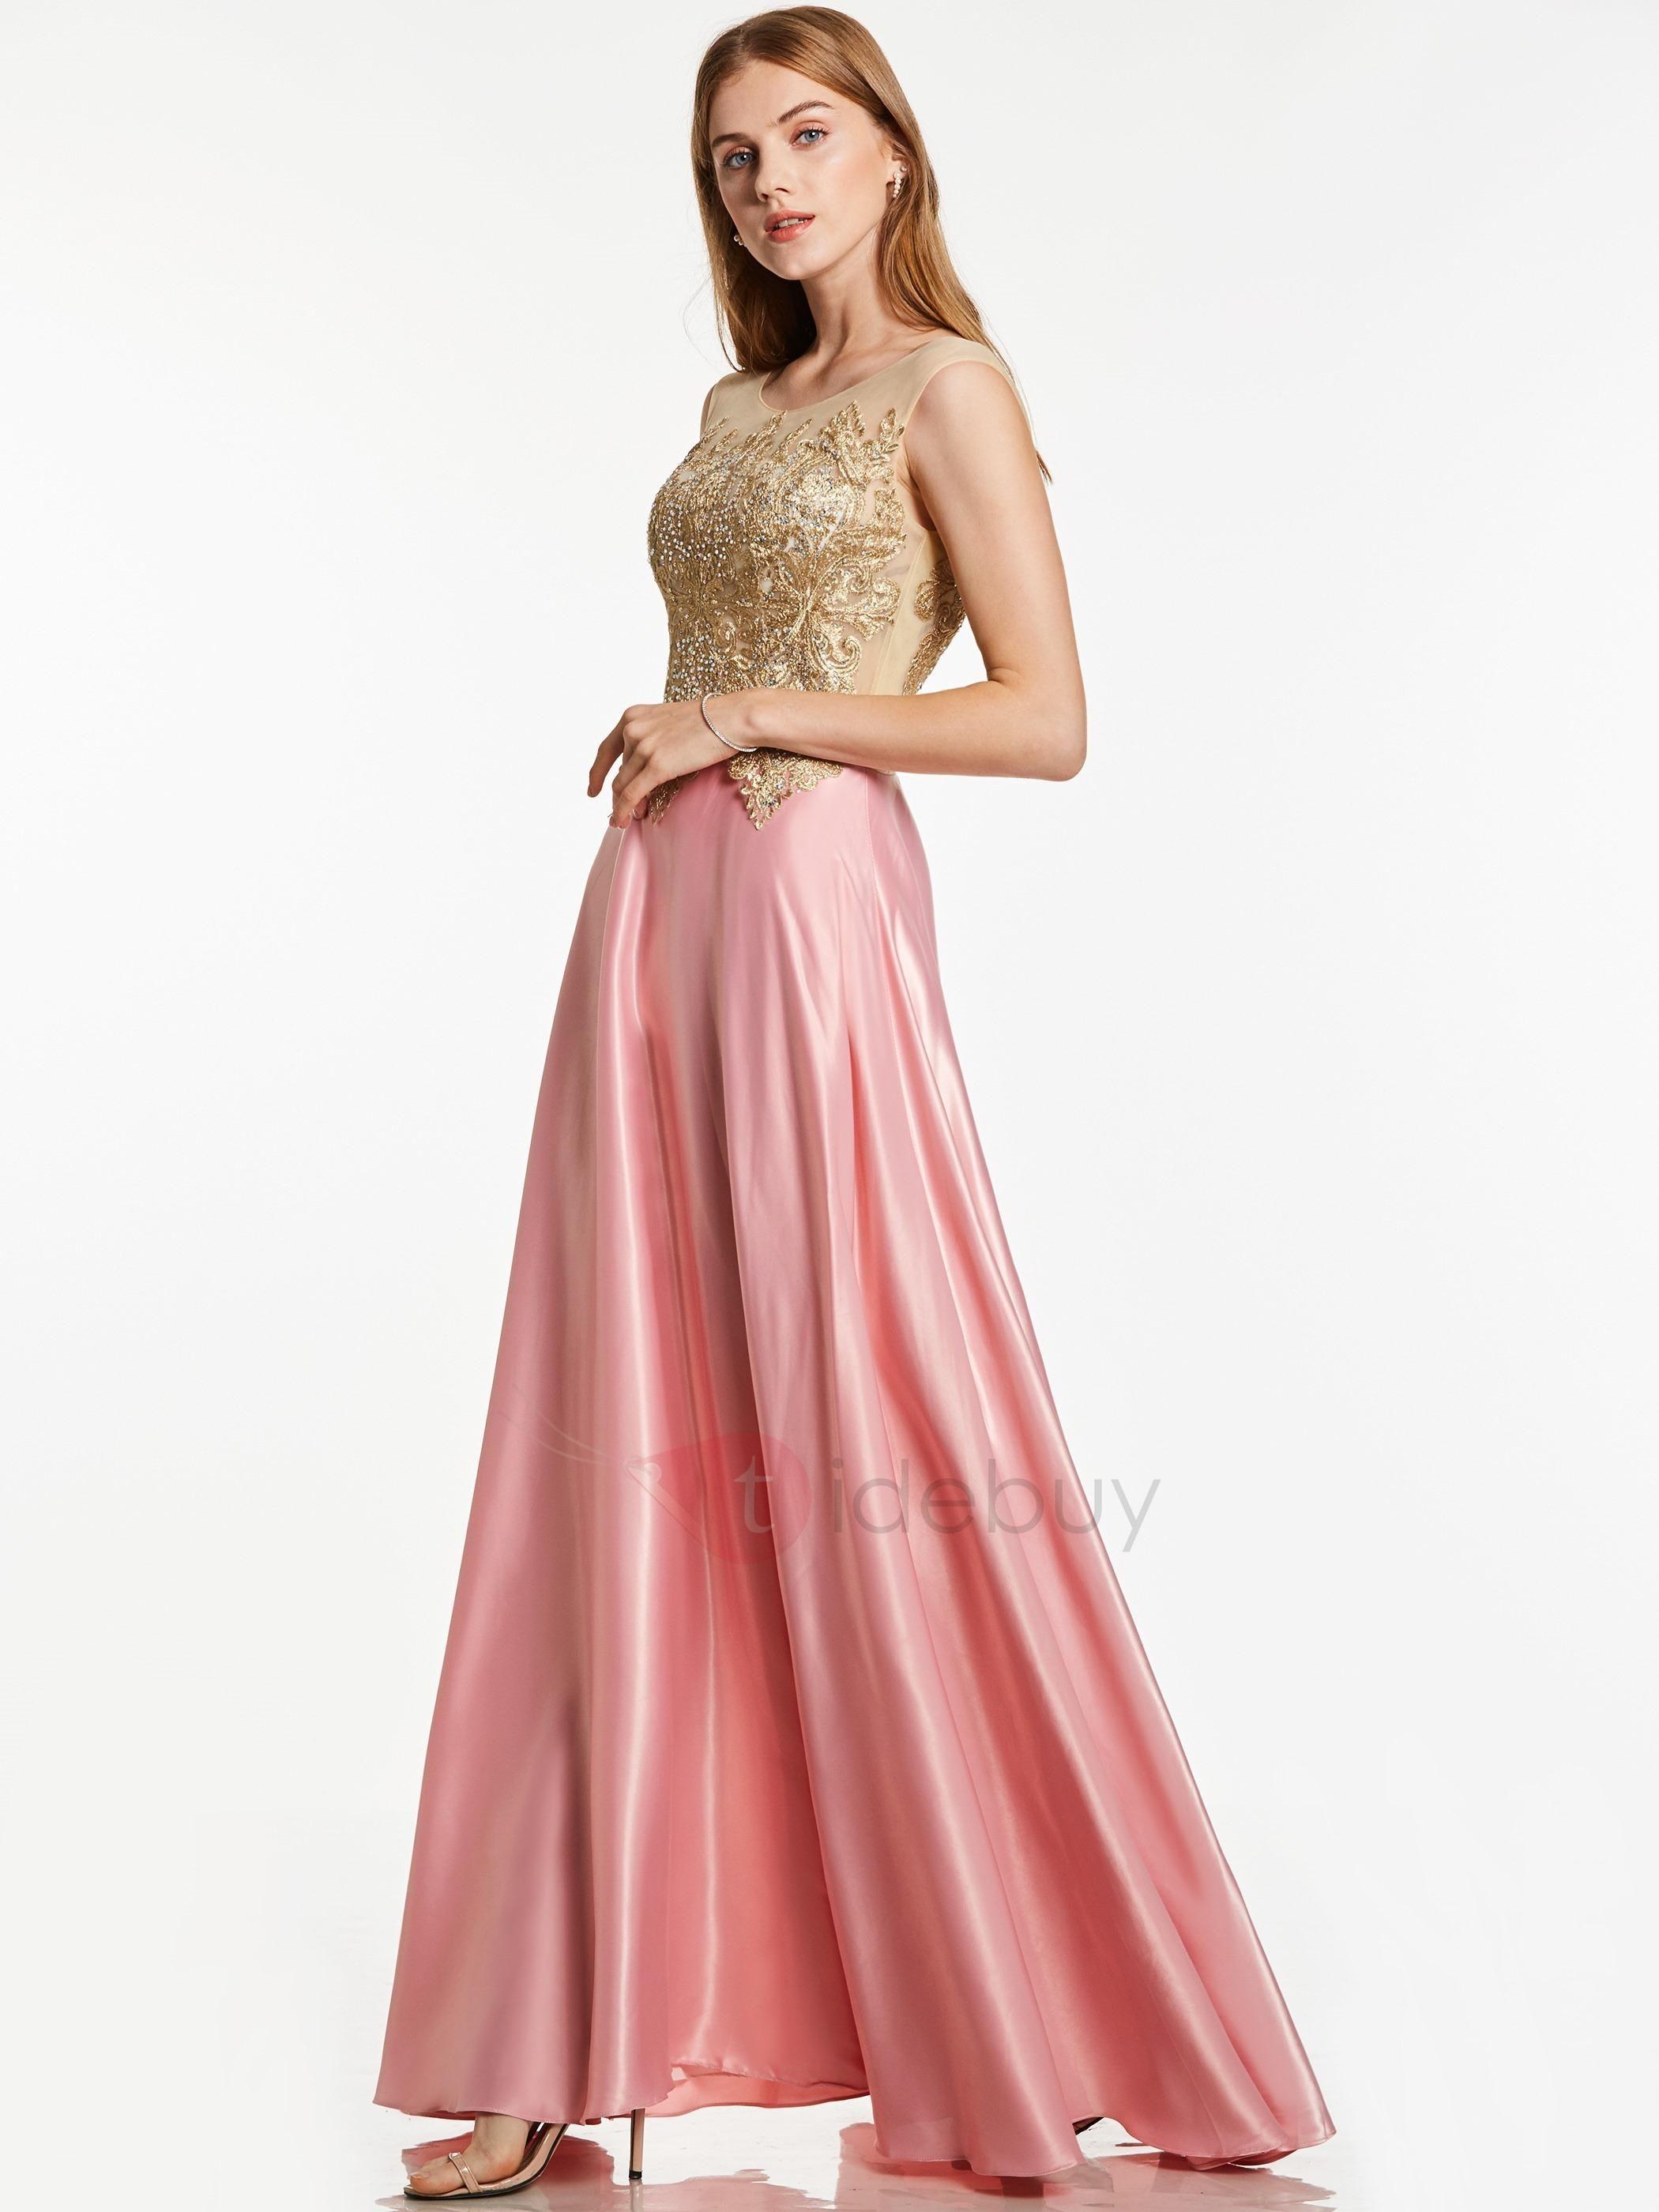 Lujo Vestidos De Dama Tidebuy Imagen - Ideas de Vestido para La ...